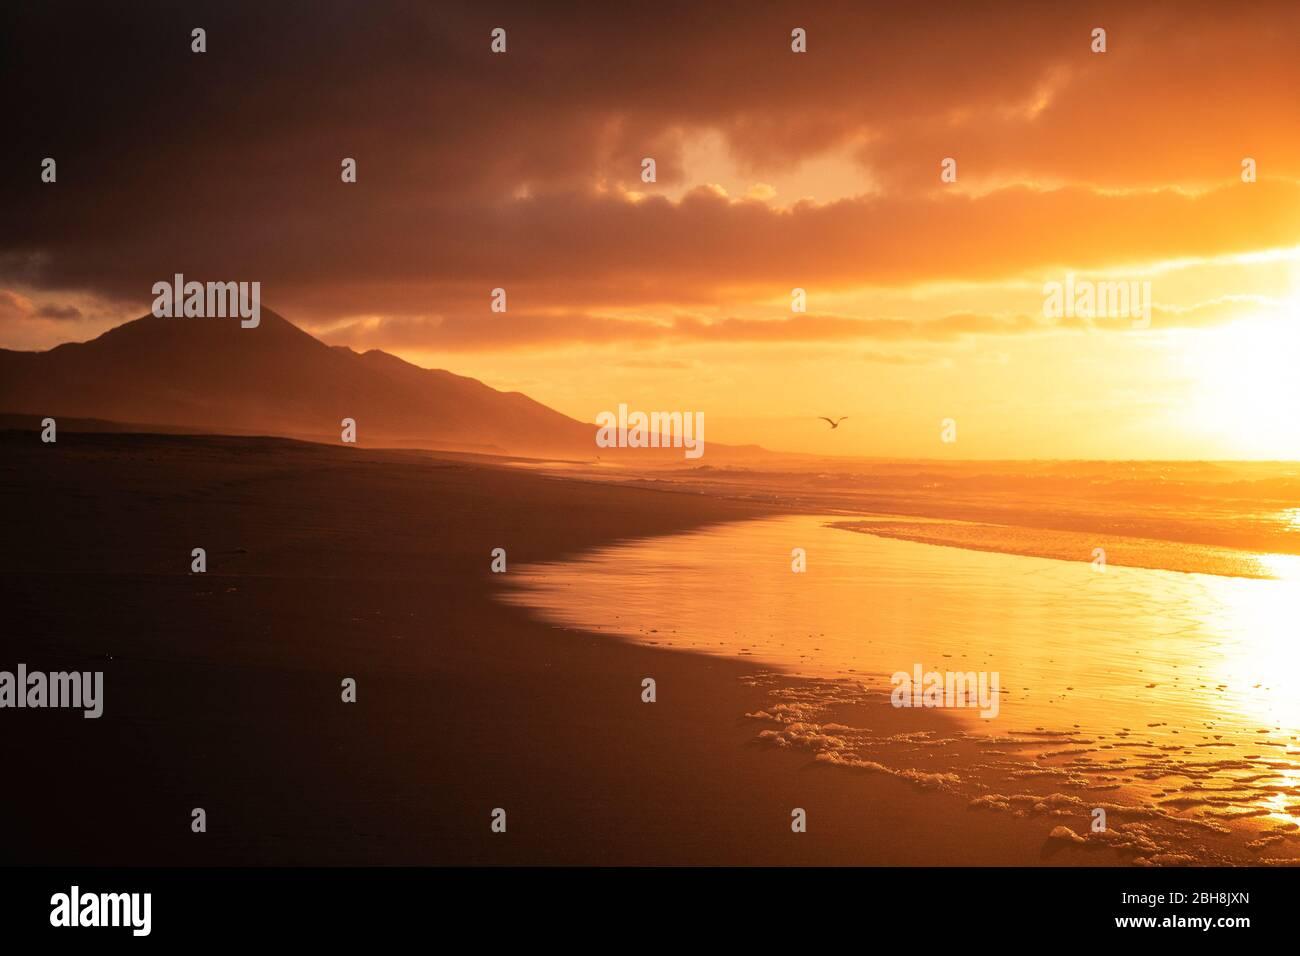 Goldener schöner roter Sonnenuntergang am Strand mit Möwenfliegen für Freiheit und Urlaubskonzept - niemand in tropischer wilder landschaftlicher Lage mit Meer und Bergen - ruhige und friedliche Landschaft an den Sommerferienküsten Stockfoto